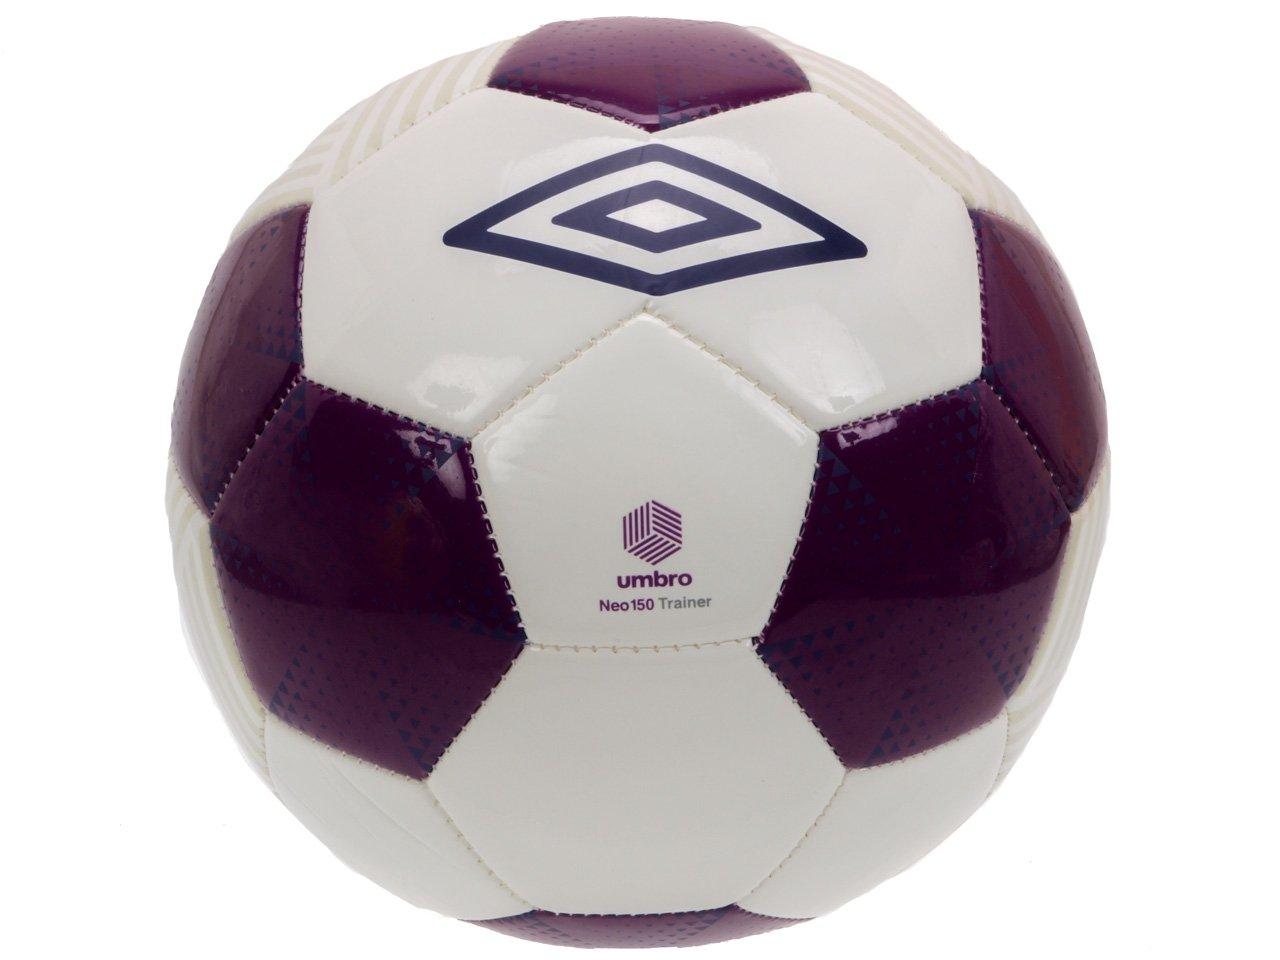 Umbro - Neo Trainer talla 5 - Balón Fútbol Ocio - Color Morado ...